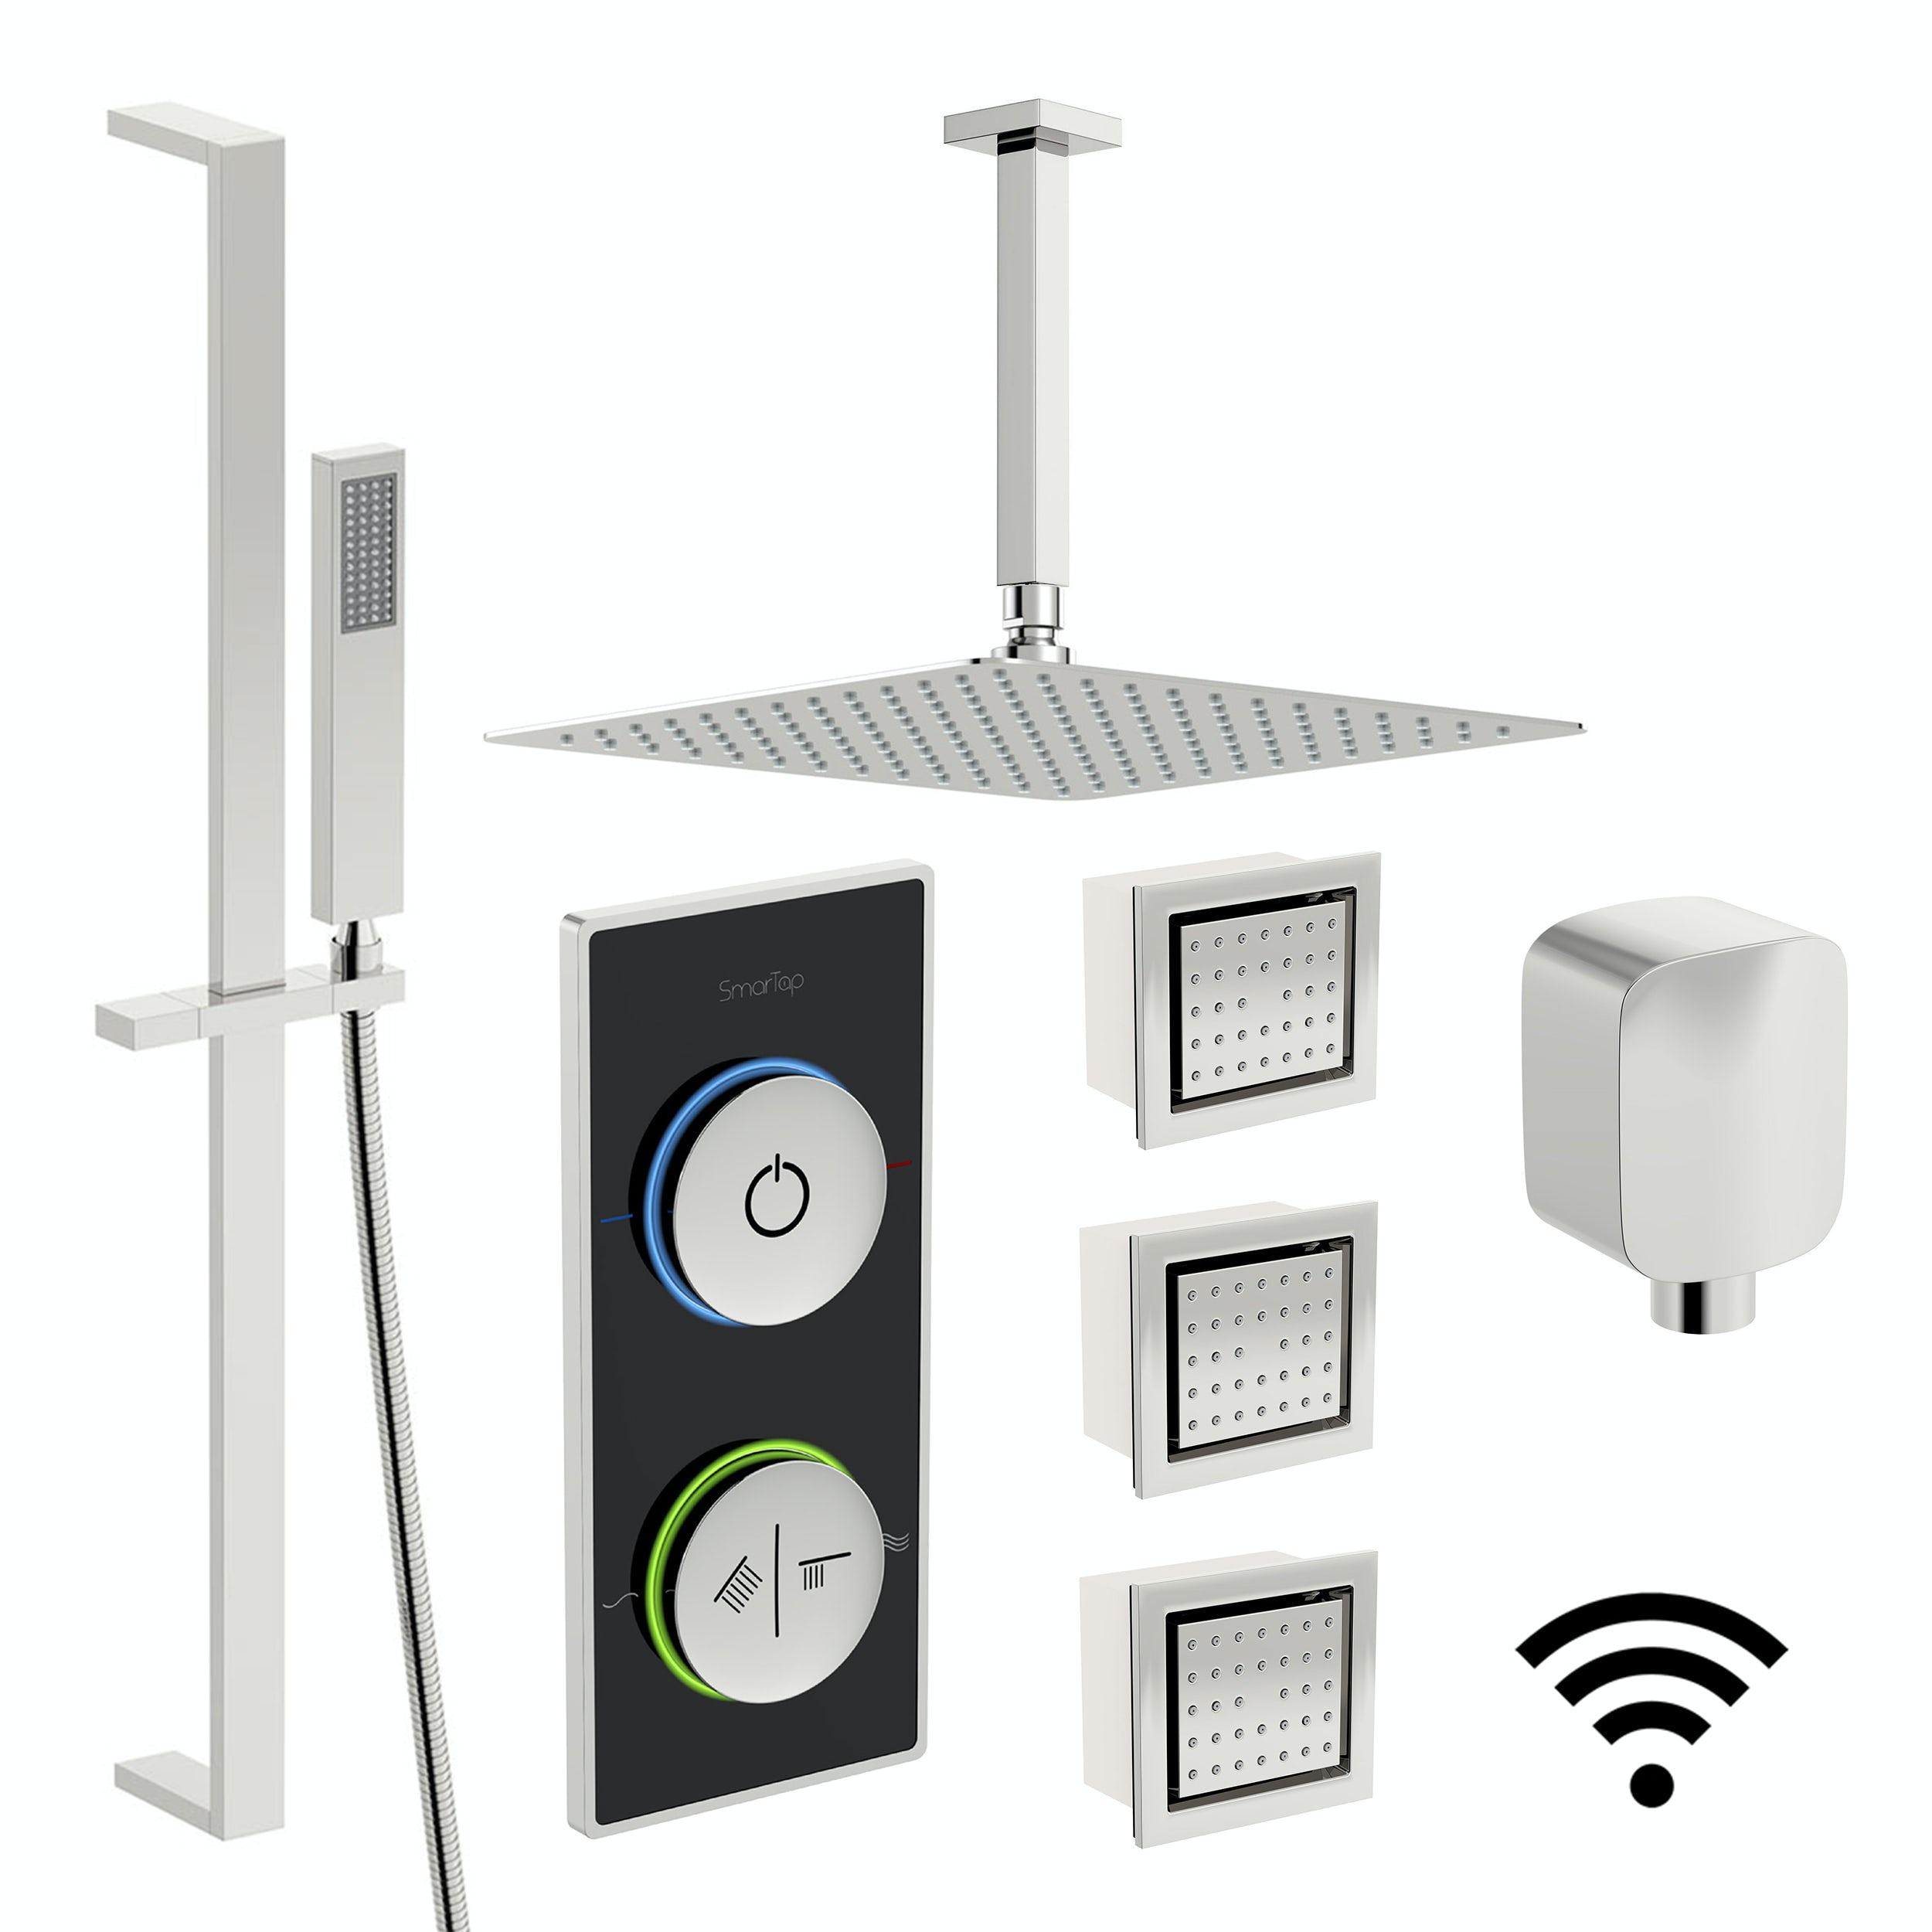 SmarTap black smart shower system with complete square ceiling shower set